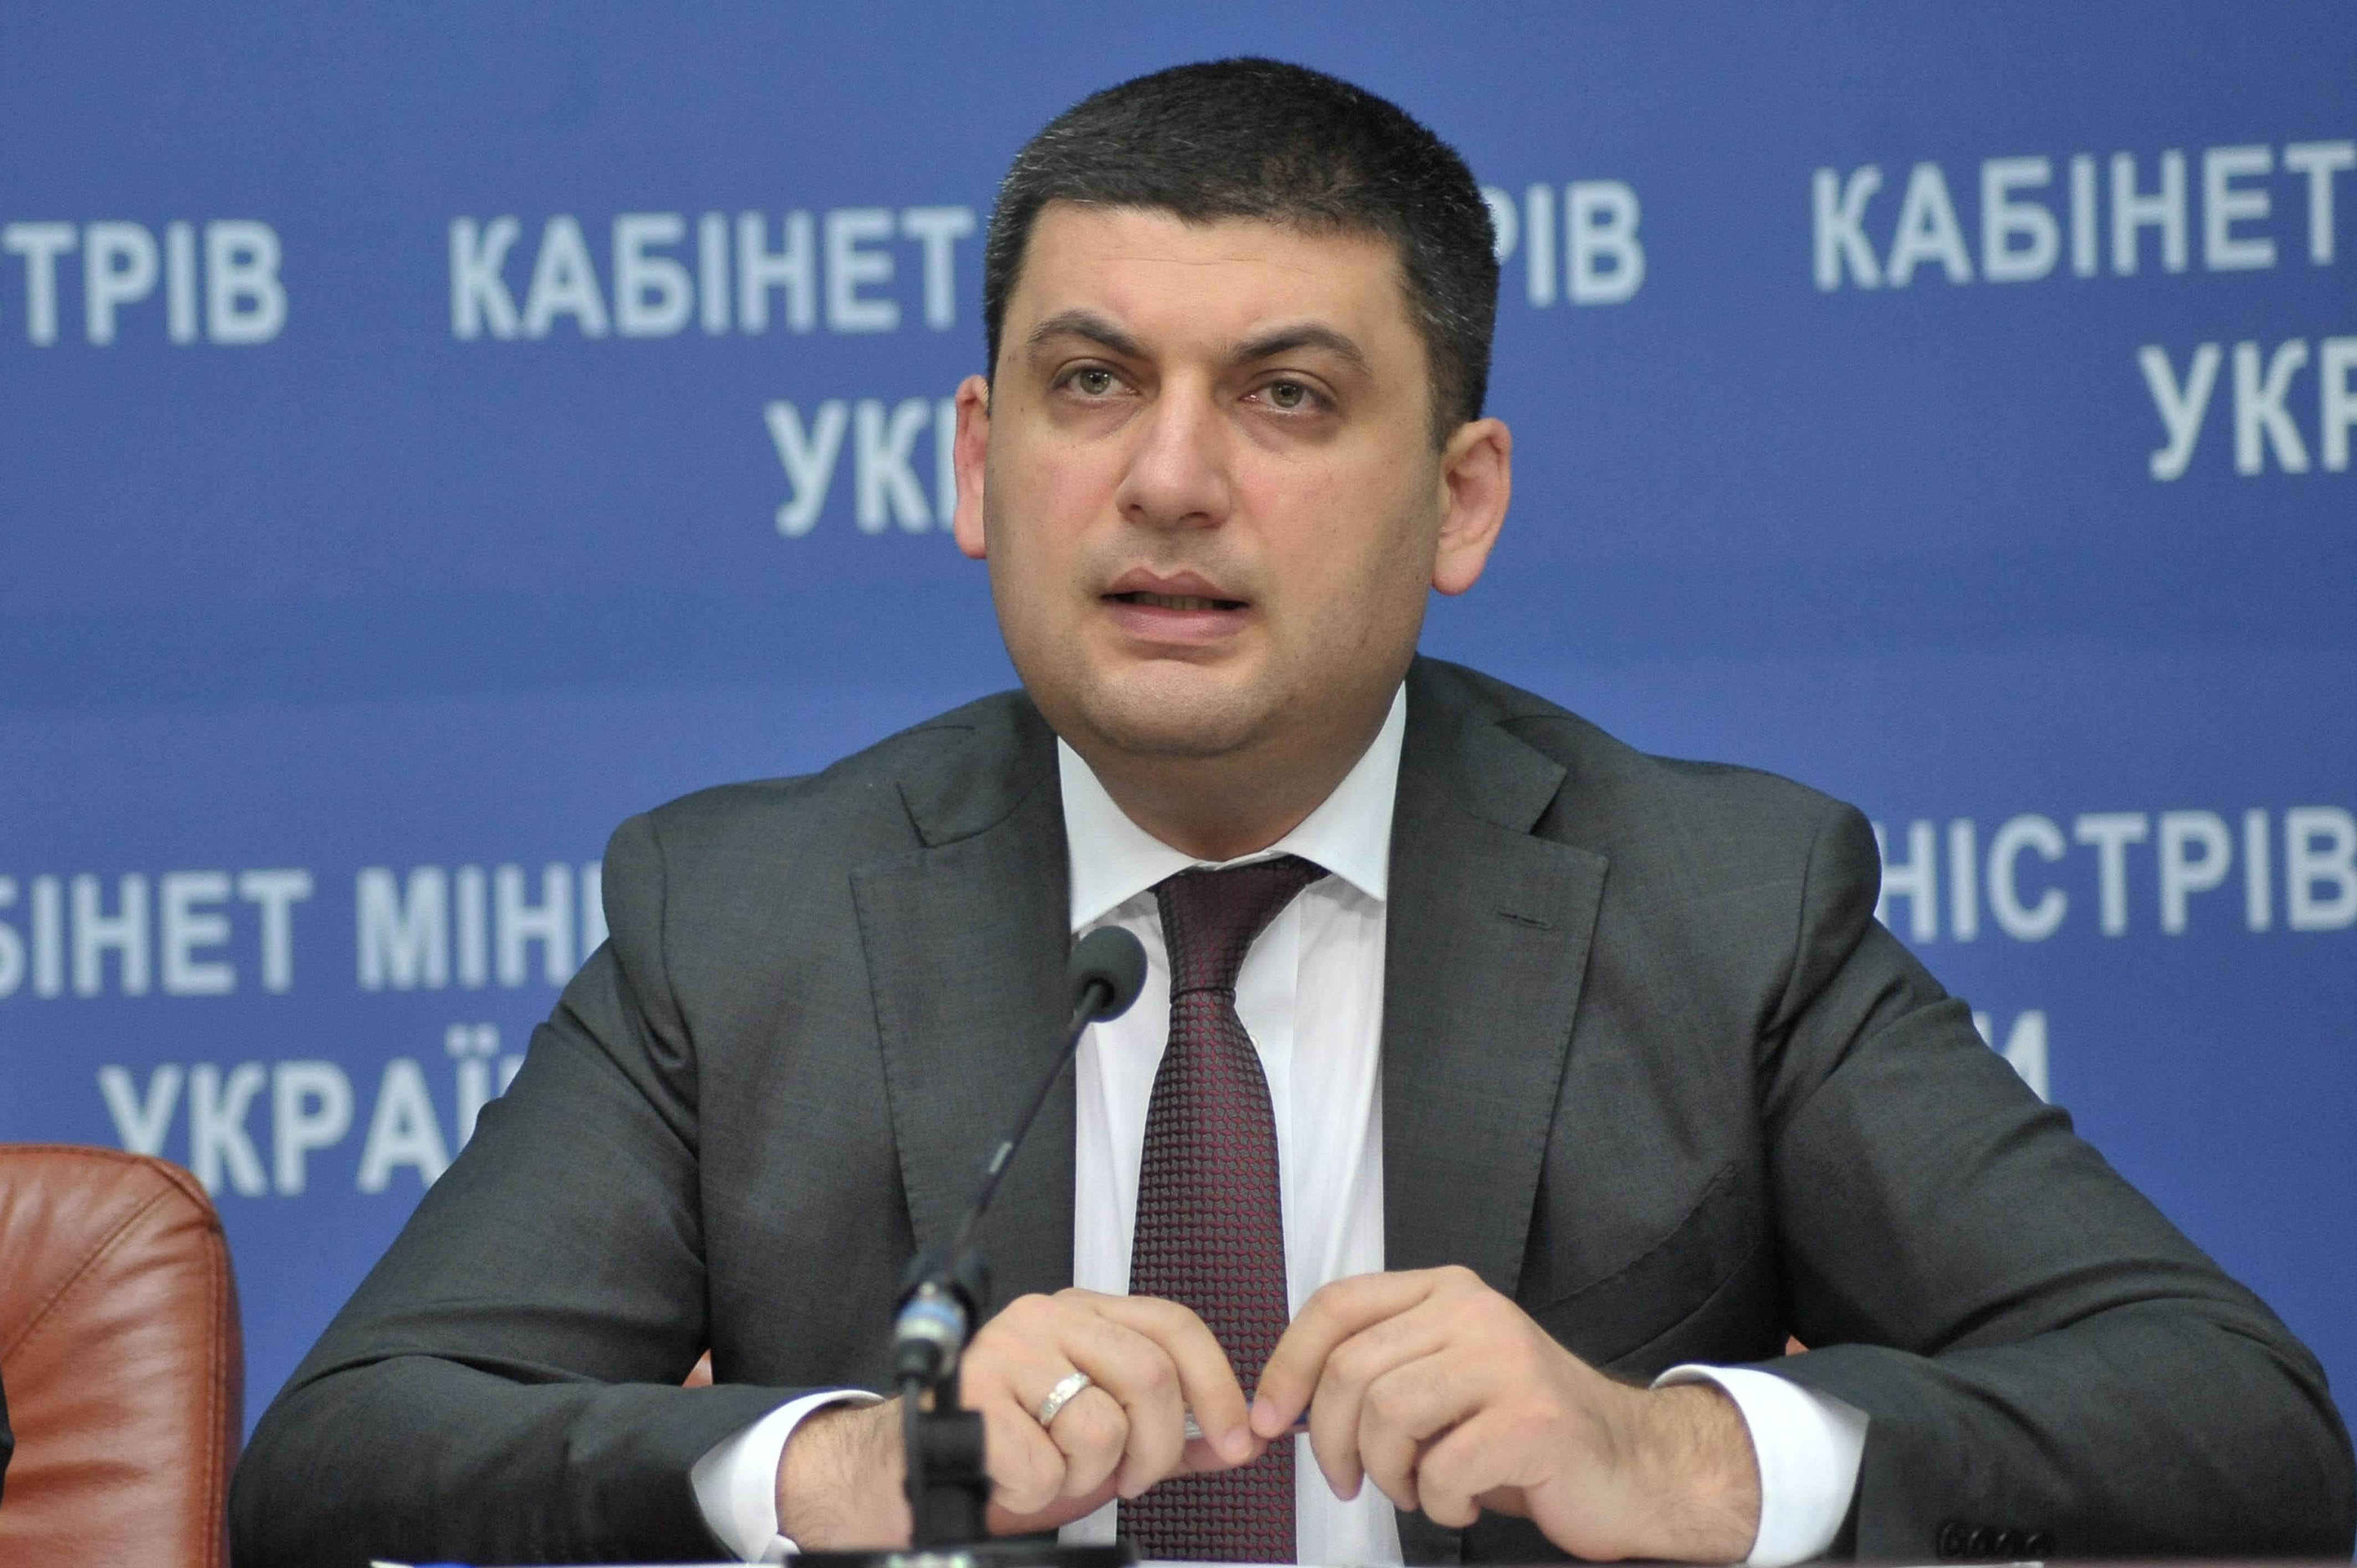 Гройсман верит, что через 4-5 лет Украина может стать сильным европейским государством